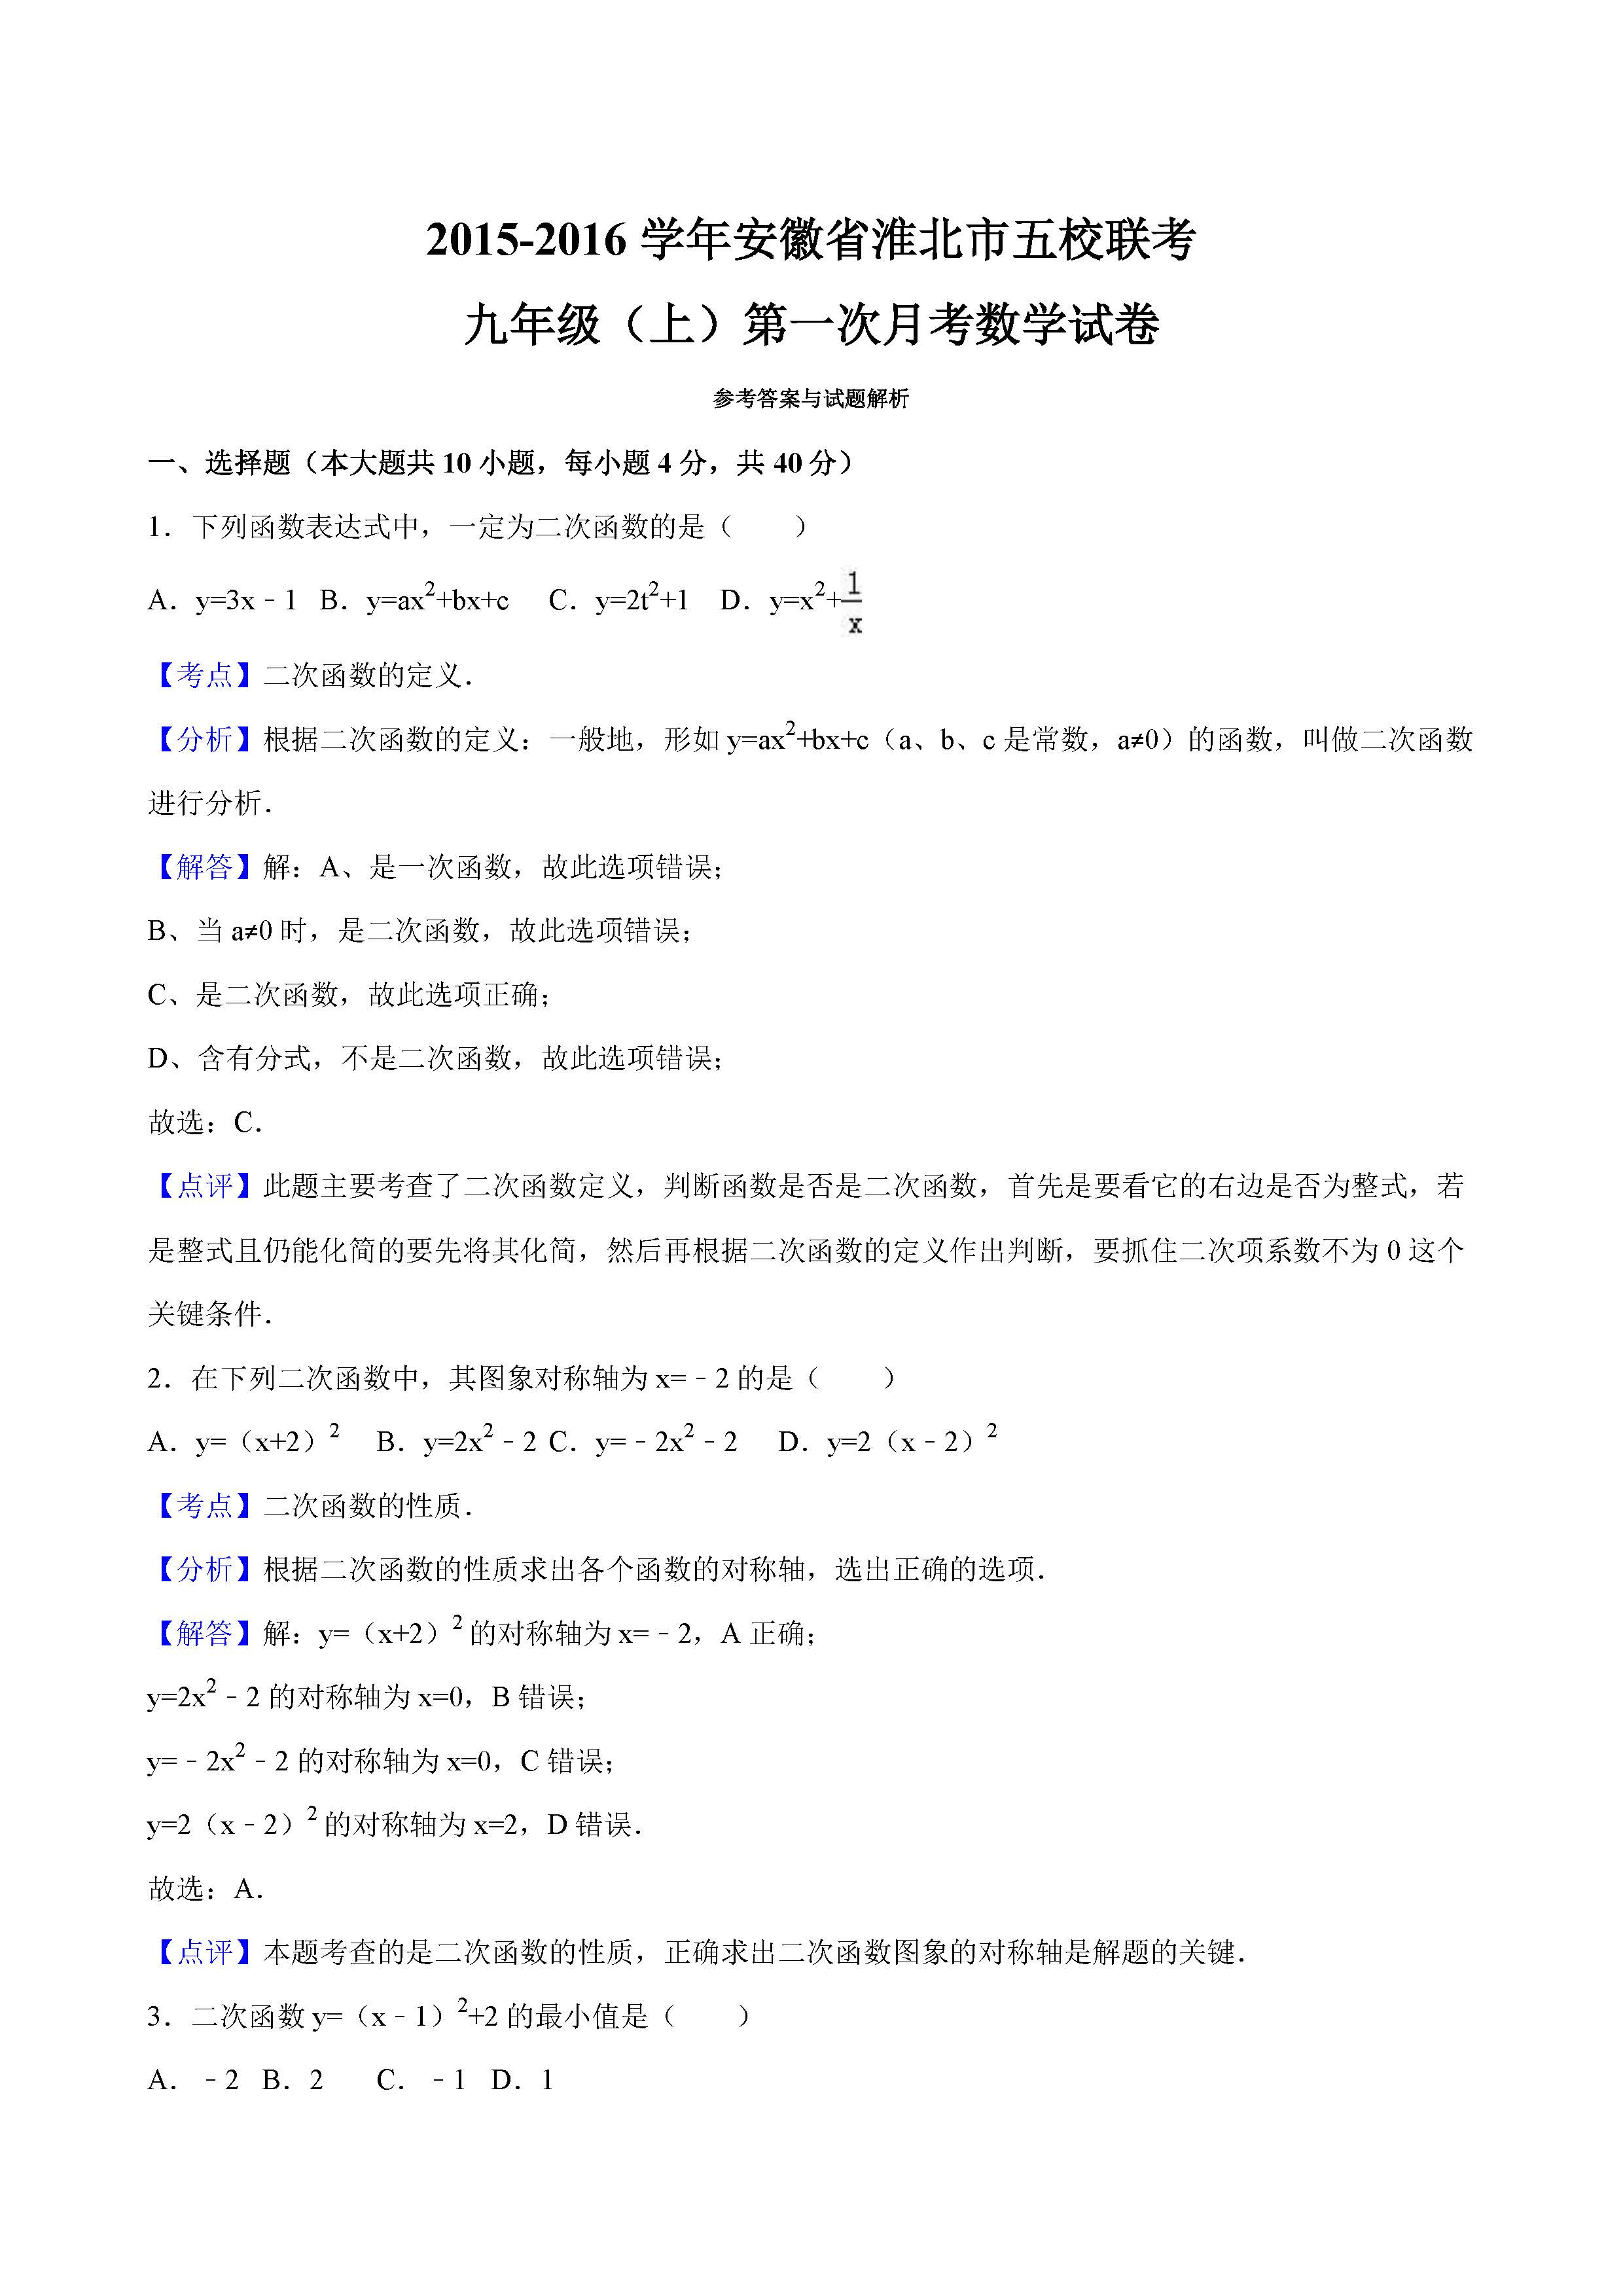 2016安徽淮北五校联考初三第一次月考数学试题(含答案)